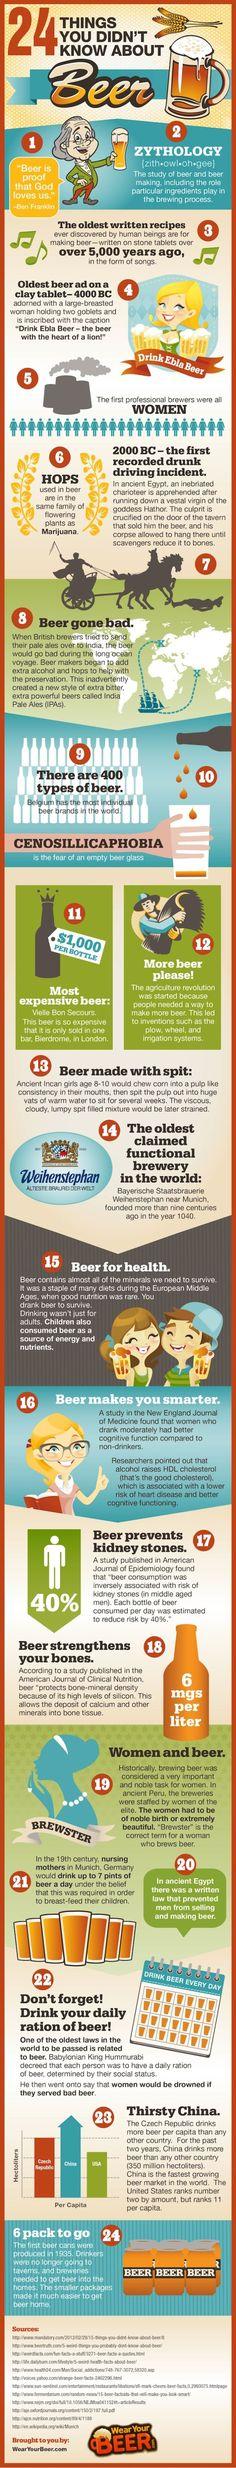 24 dingen die u niet wist over bier!  24 things you didn't know about beer!